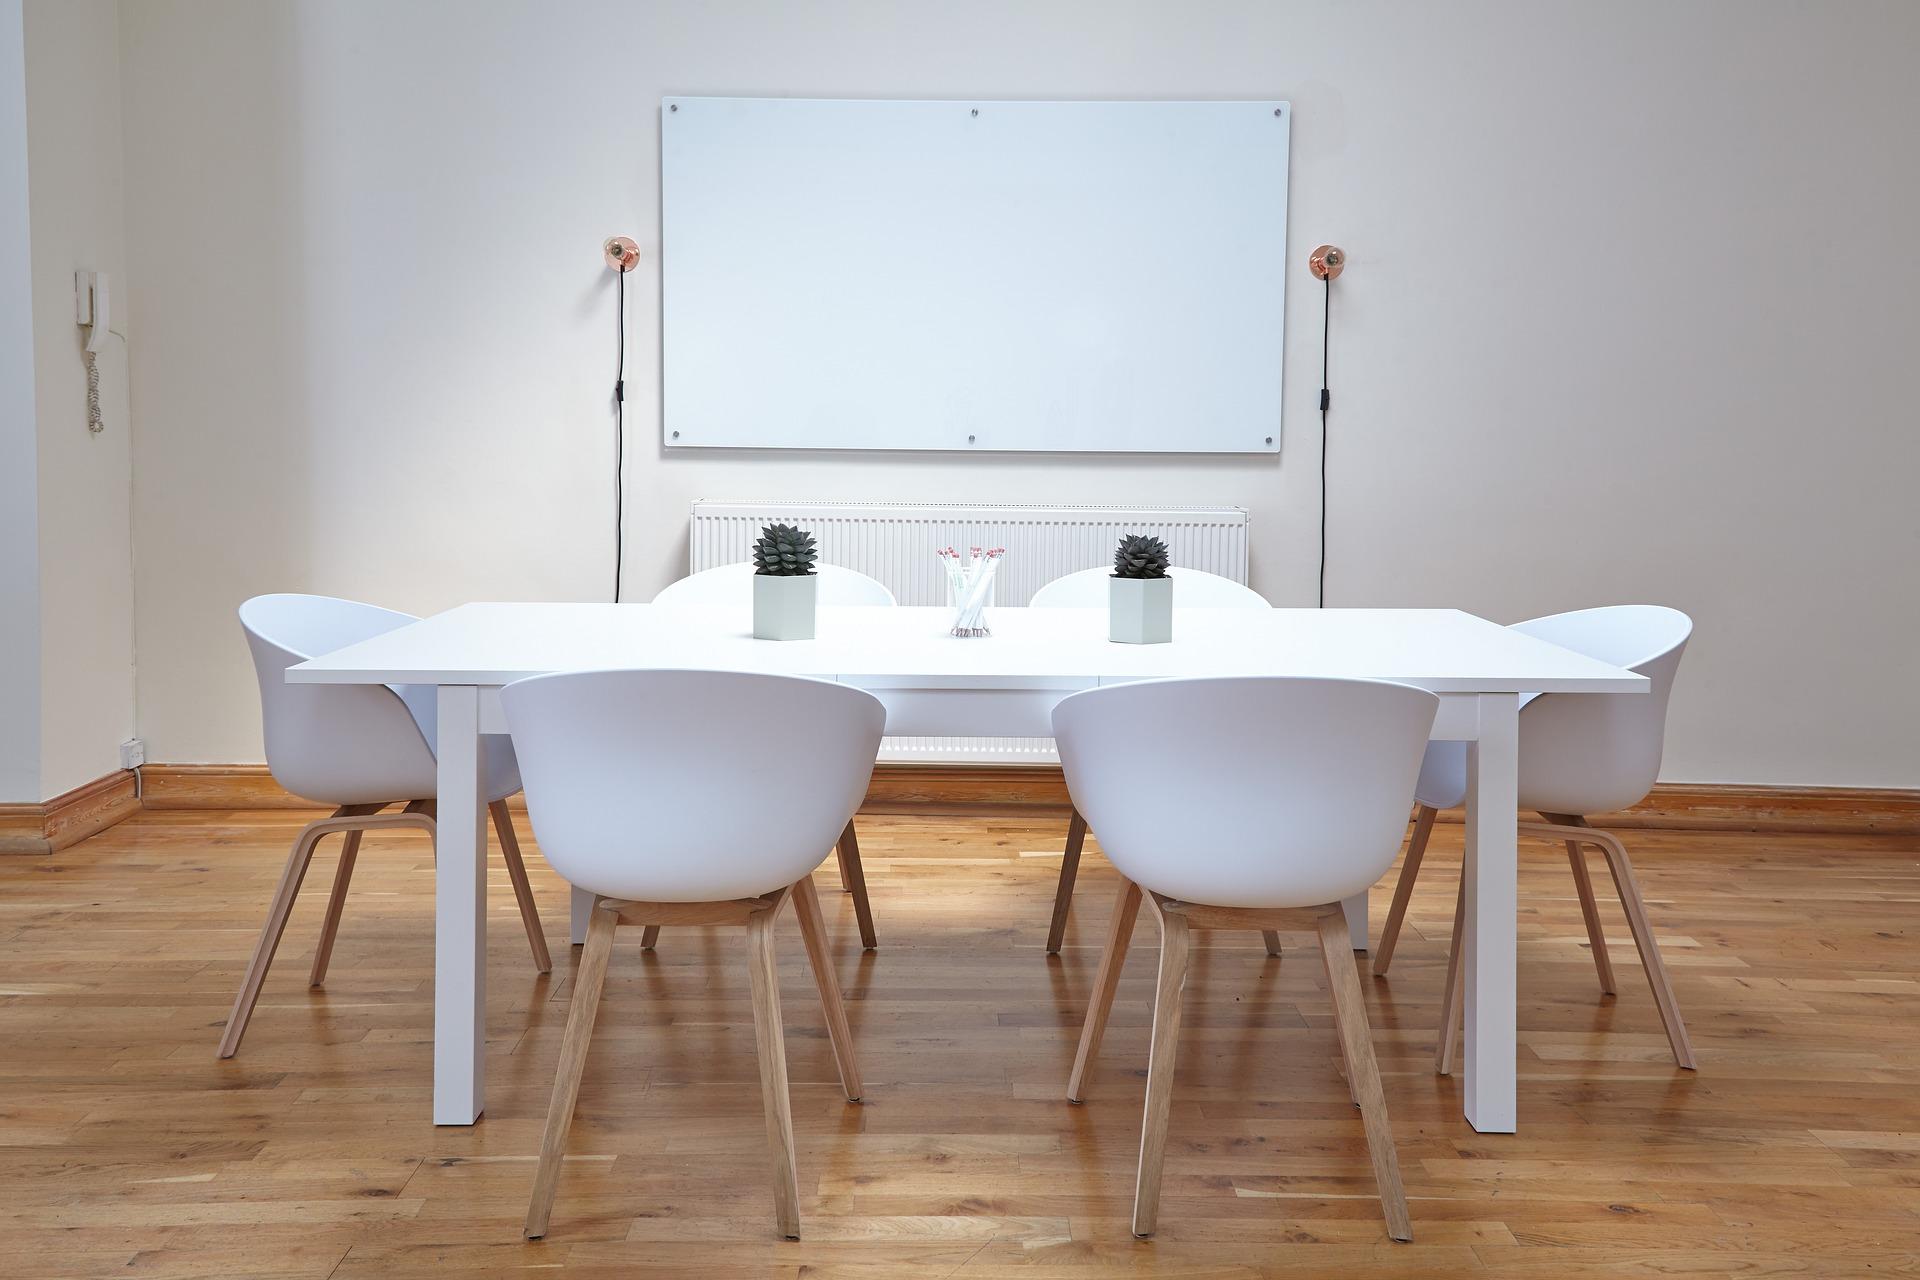 Czy krzesła muszą być w kolorze stołu?